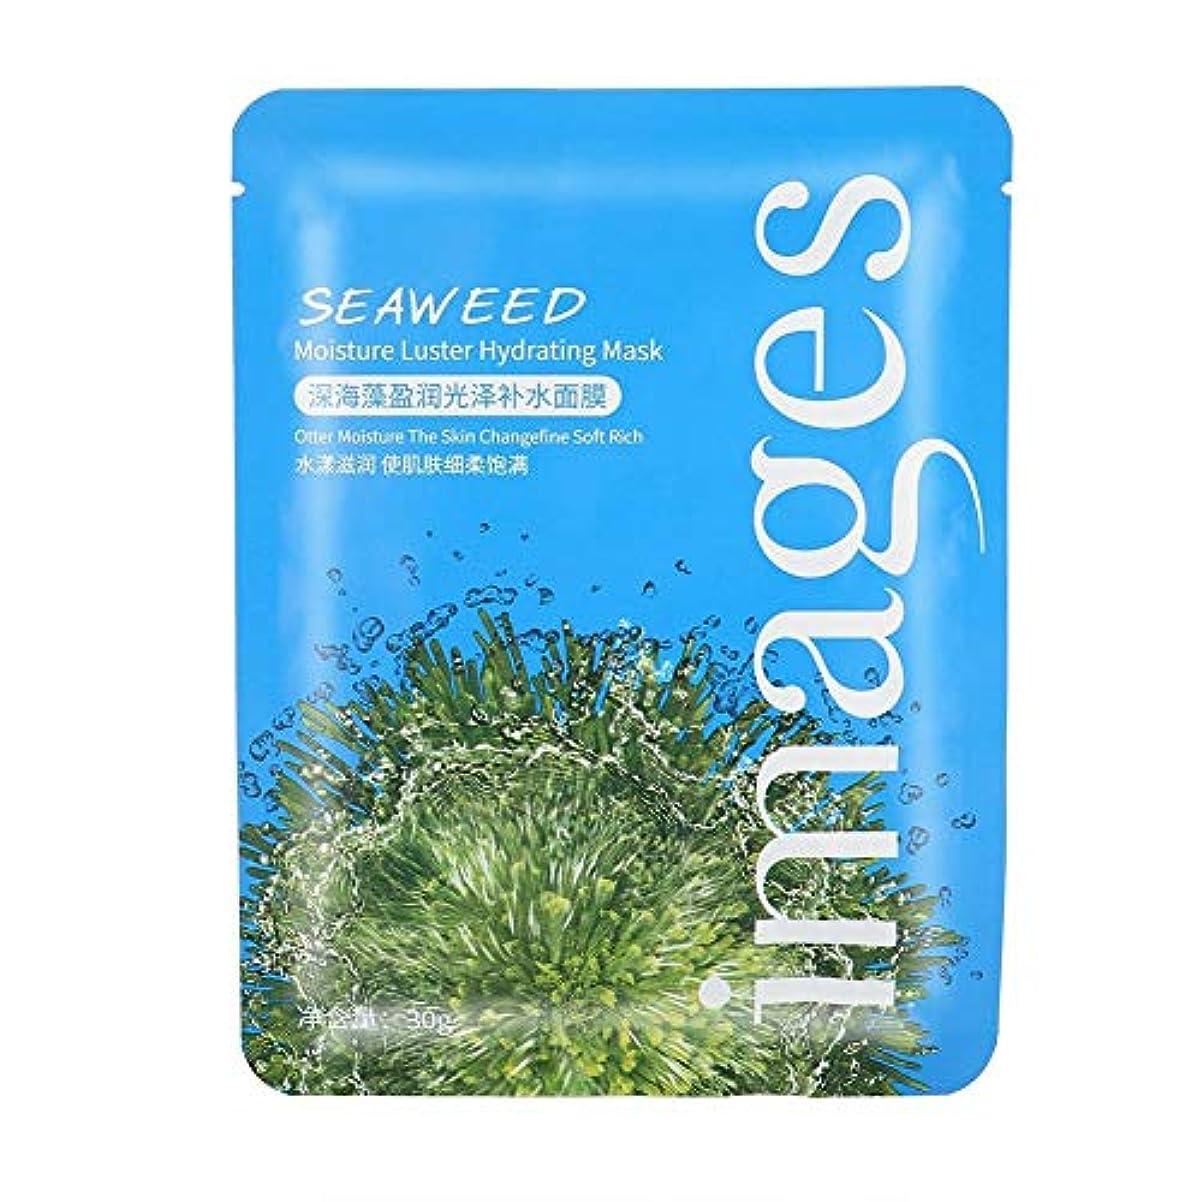 神経衰弱いうドラフトSemme天然海藻エキスフェイスマスク、20 /個明るく保湿引き締め海藻エッセンスフルフェイスフェイシャルマスクシートスキンケア(豊かな輝き)